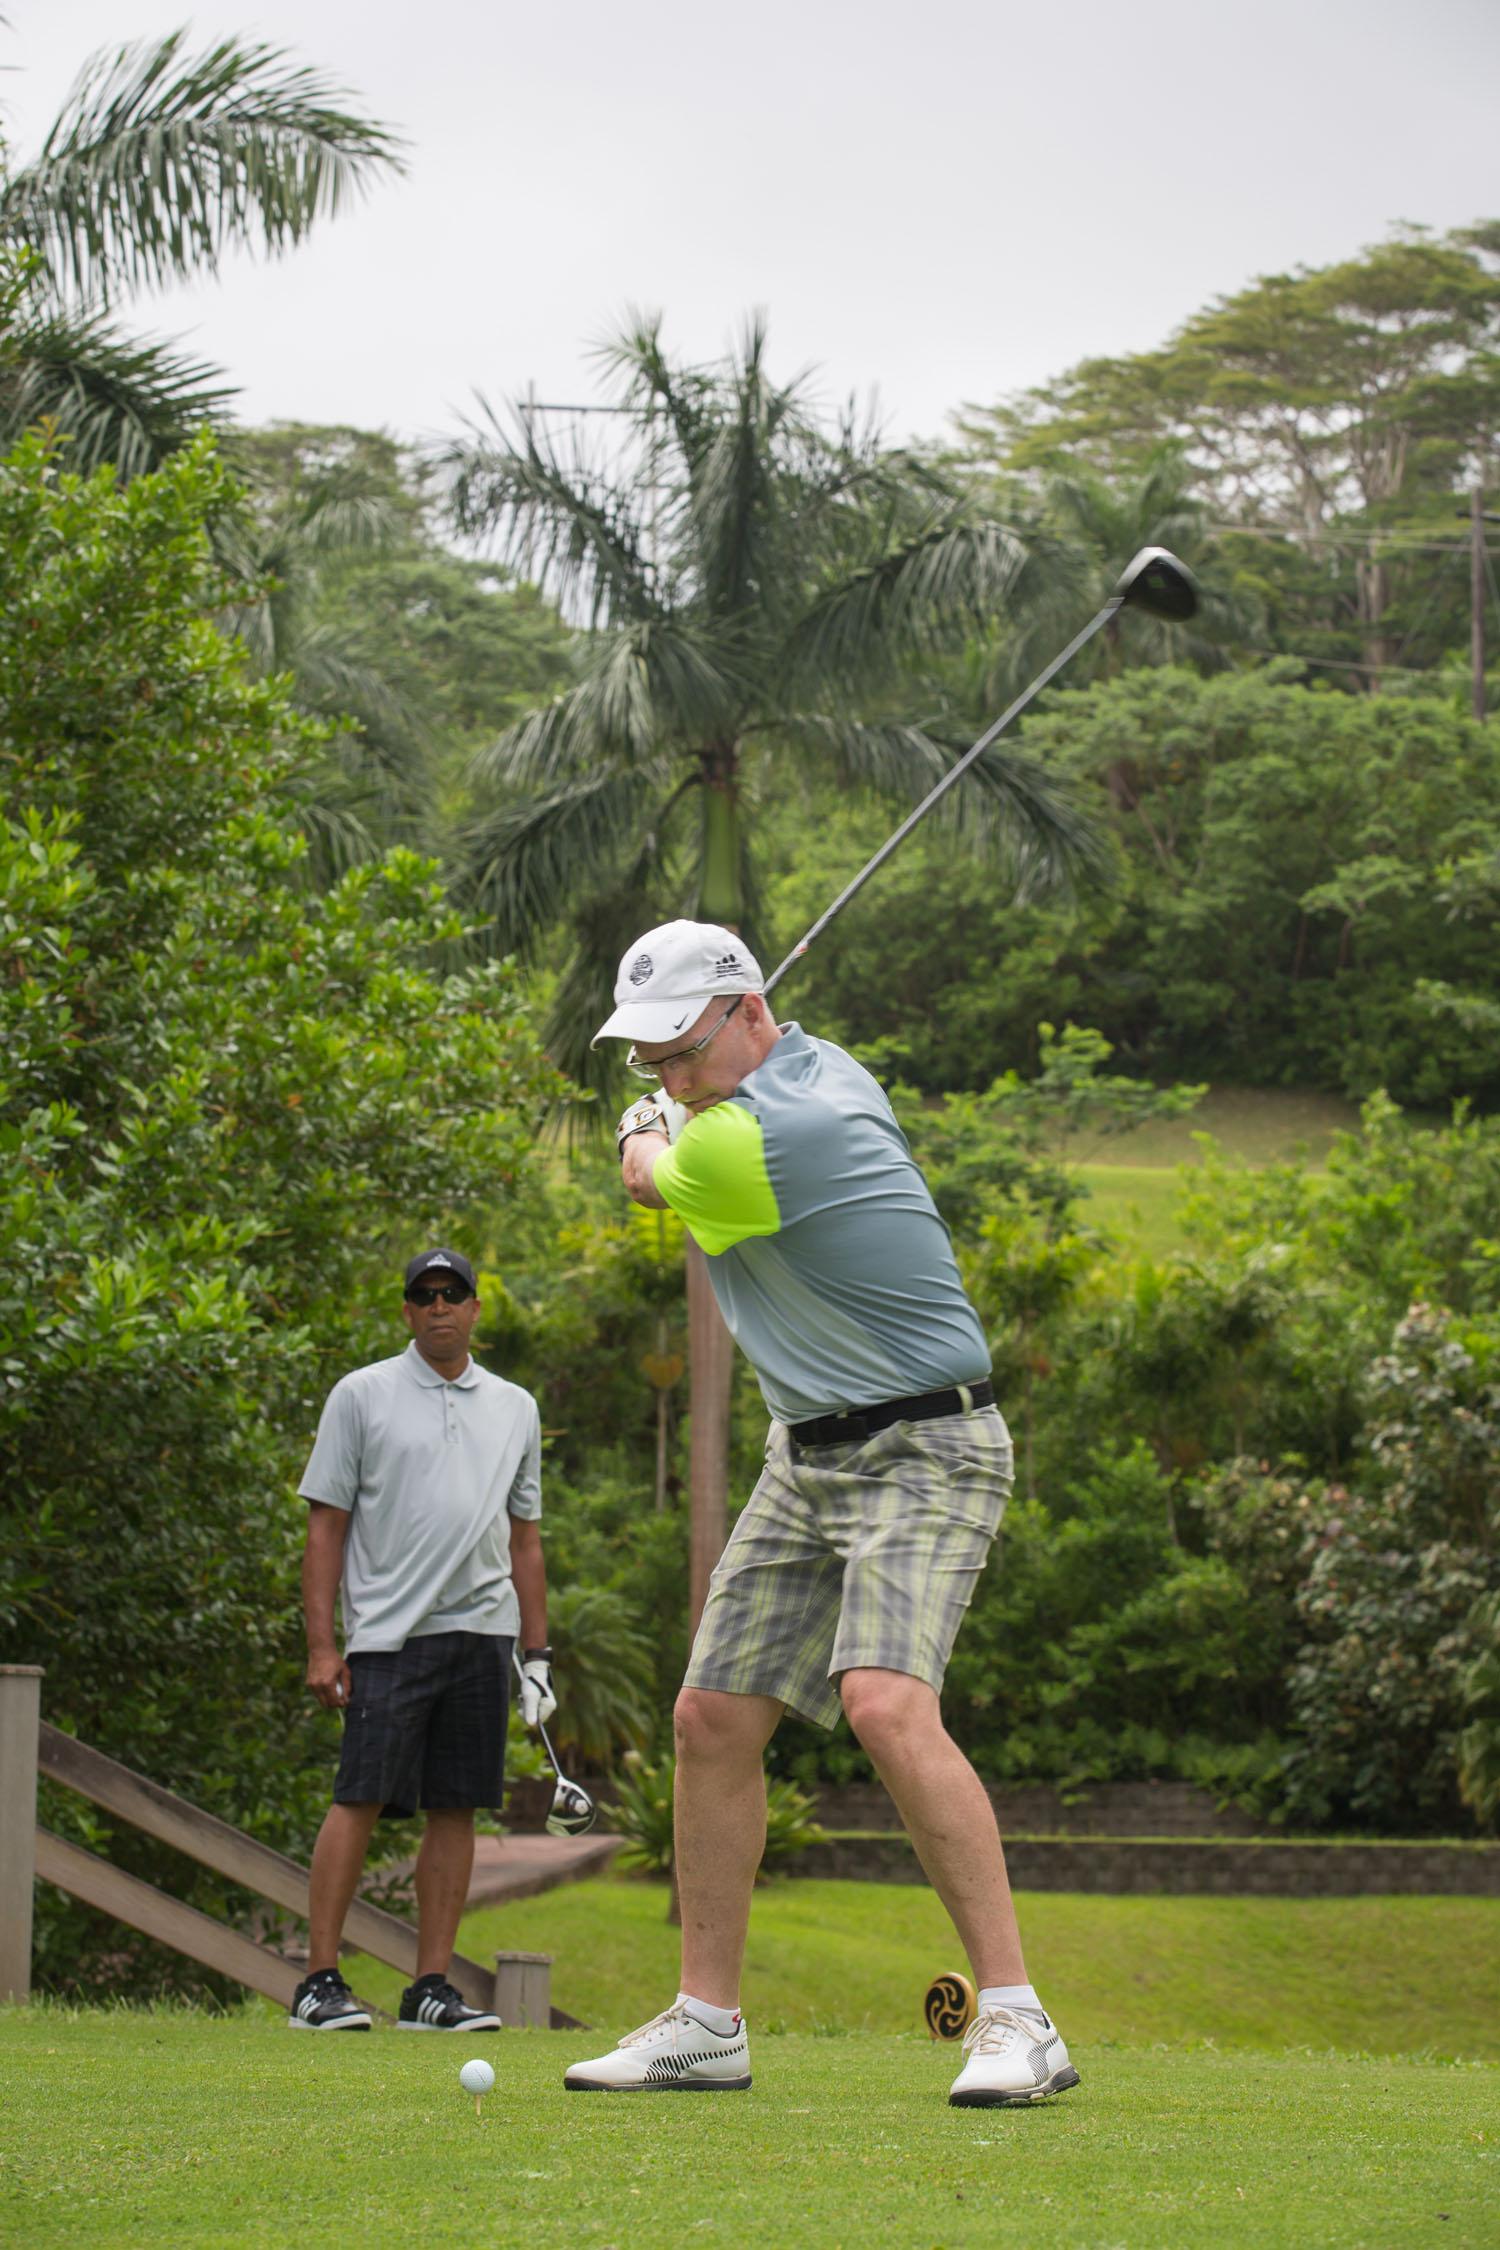 Golf photographer Kauai